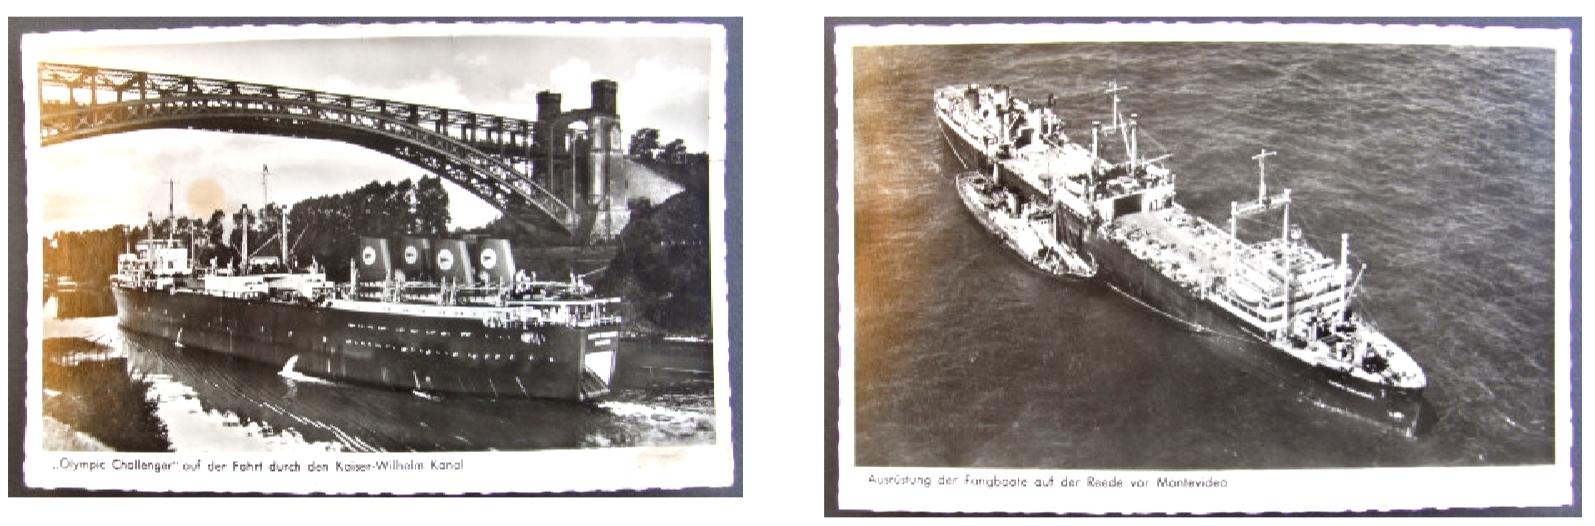 Ο βομβαρδισμός του στόλου του Ωνάση: Πώς κατάφερε να θησαυρίσει μέσα στα συντρίμμια